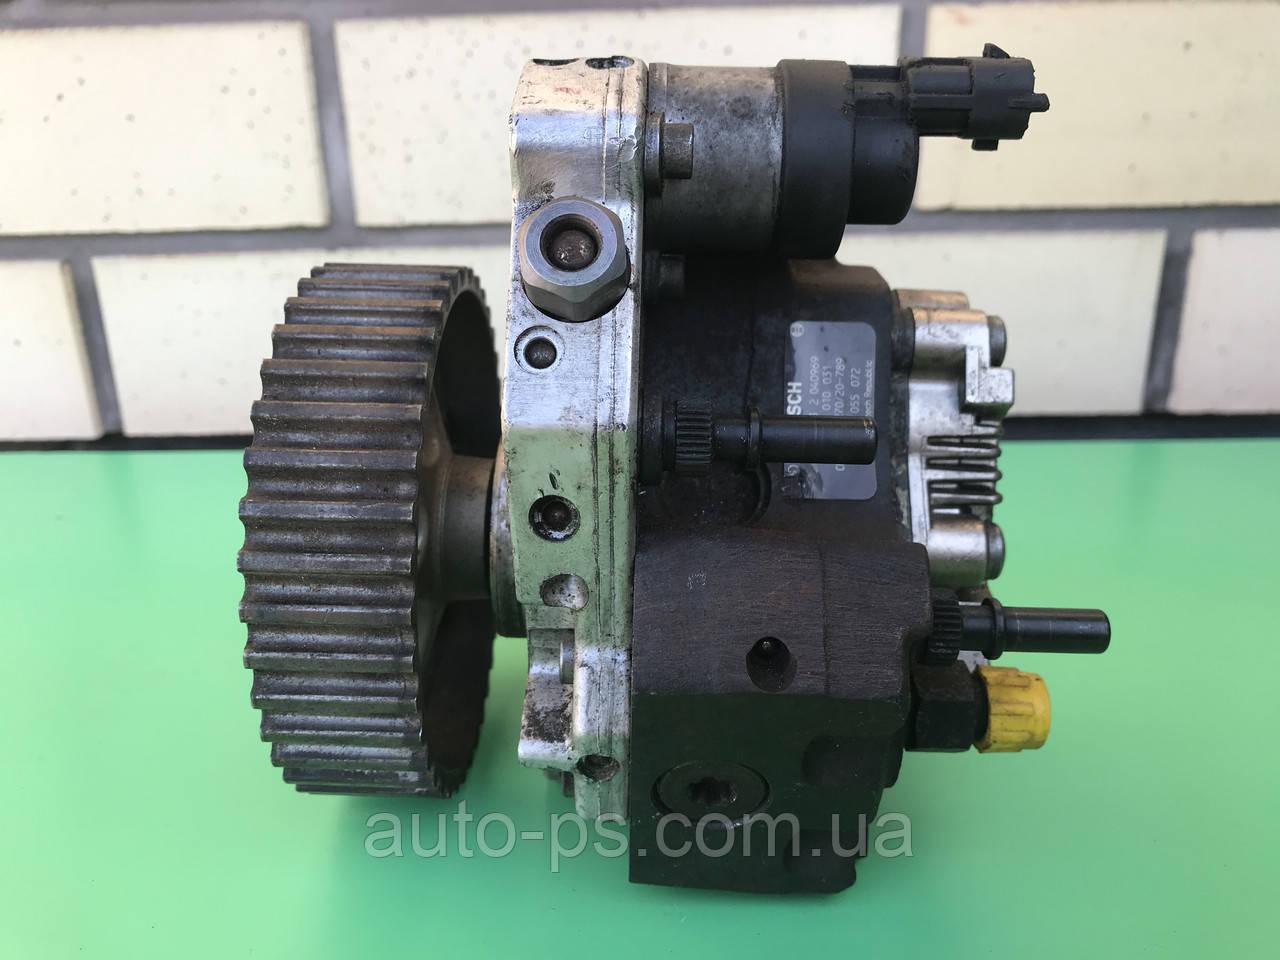 Топливный насос высокого давления (ТНВД) Renault Laguna II 1.9dCi